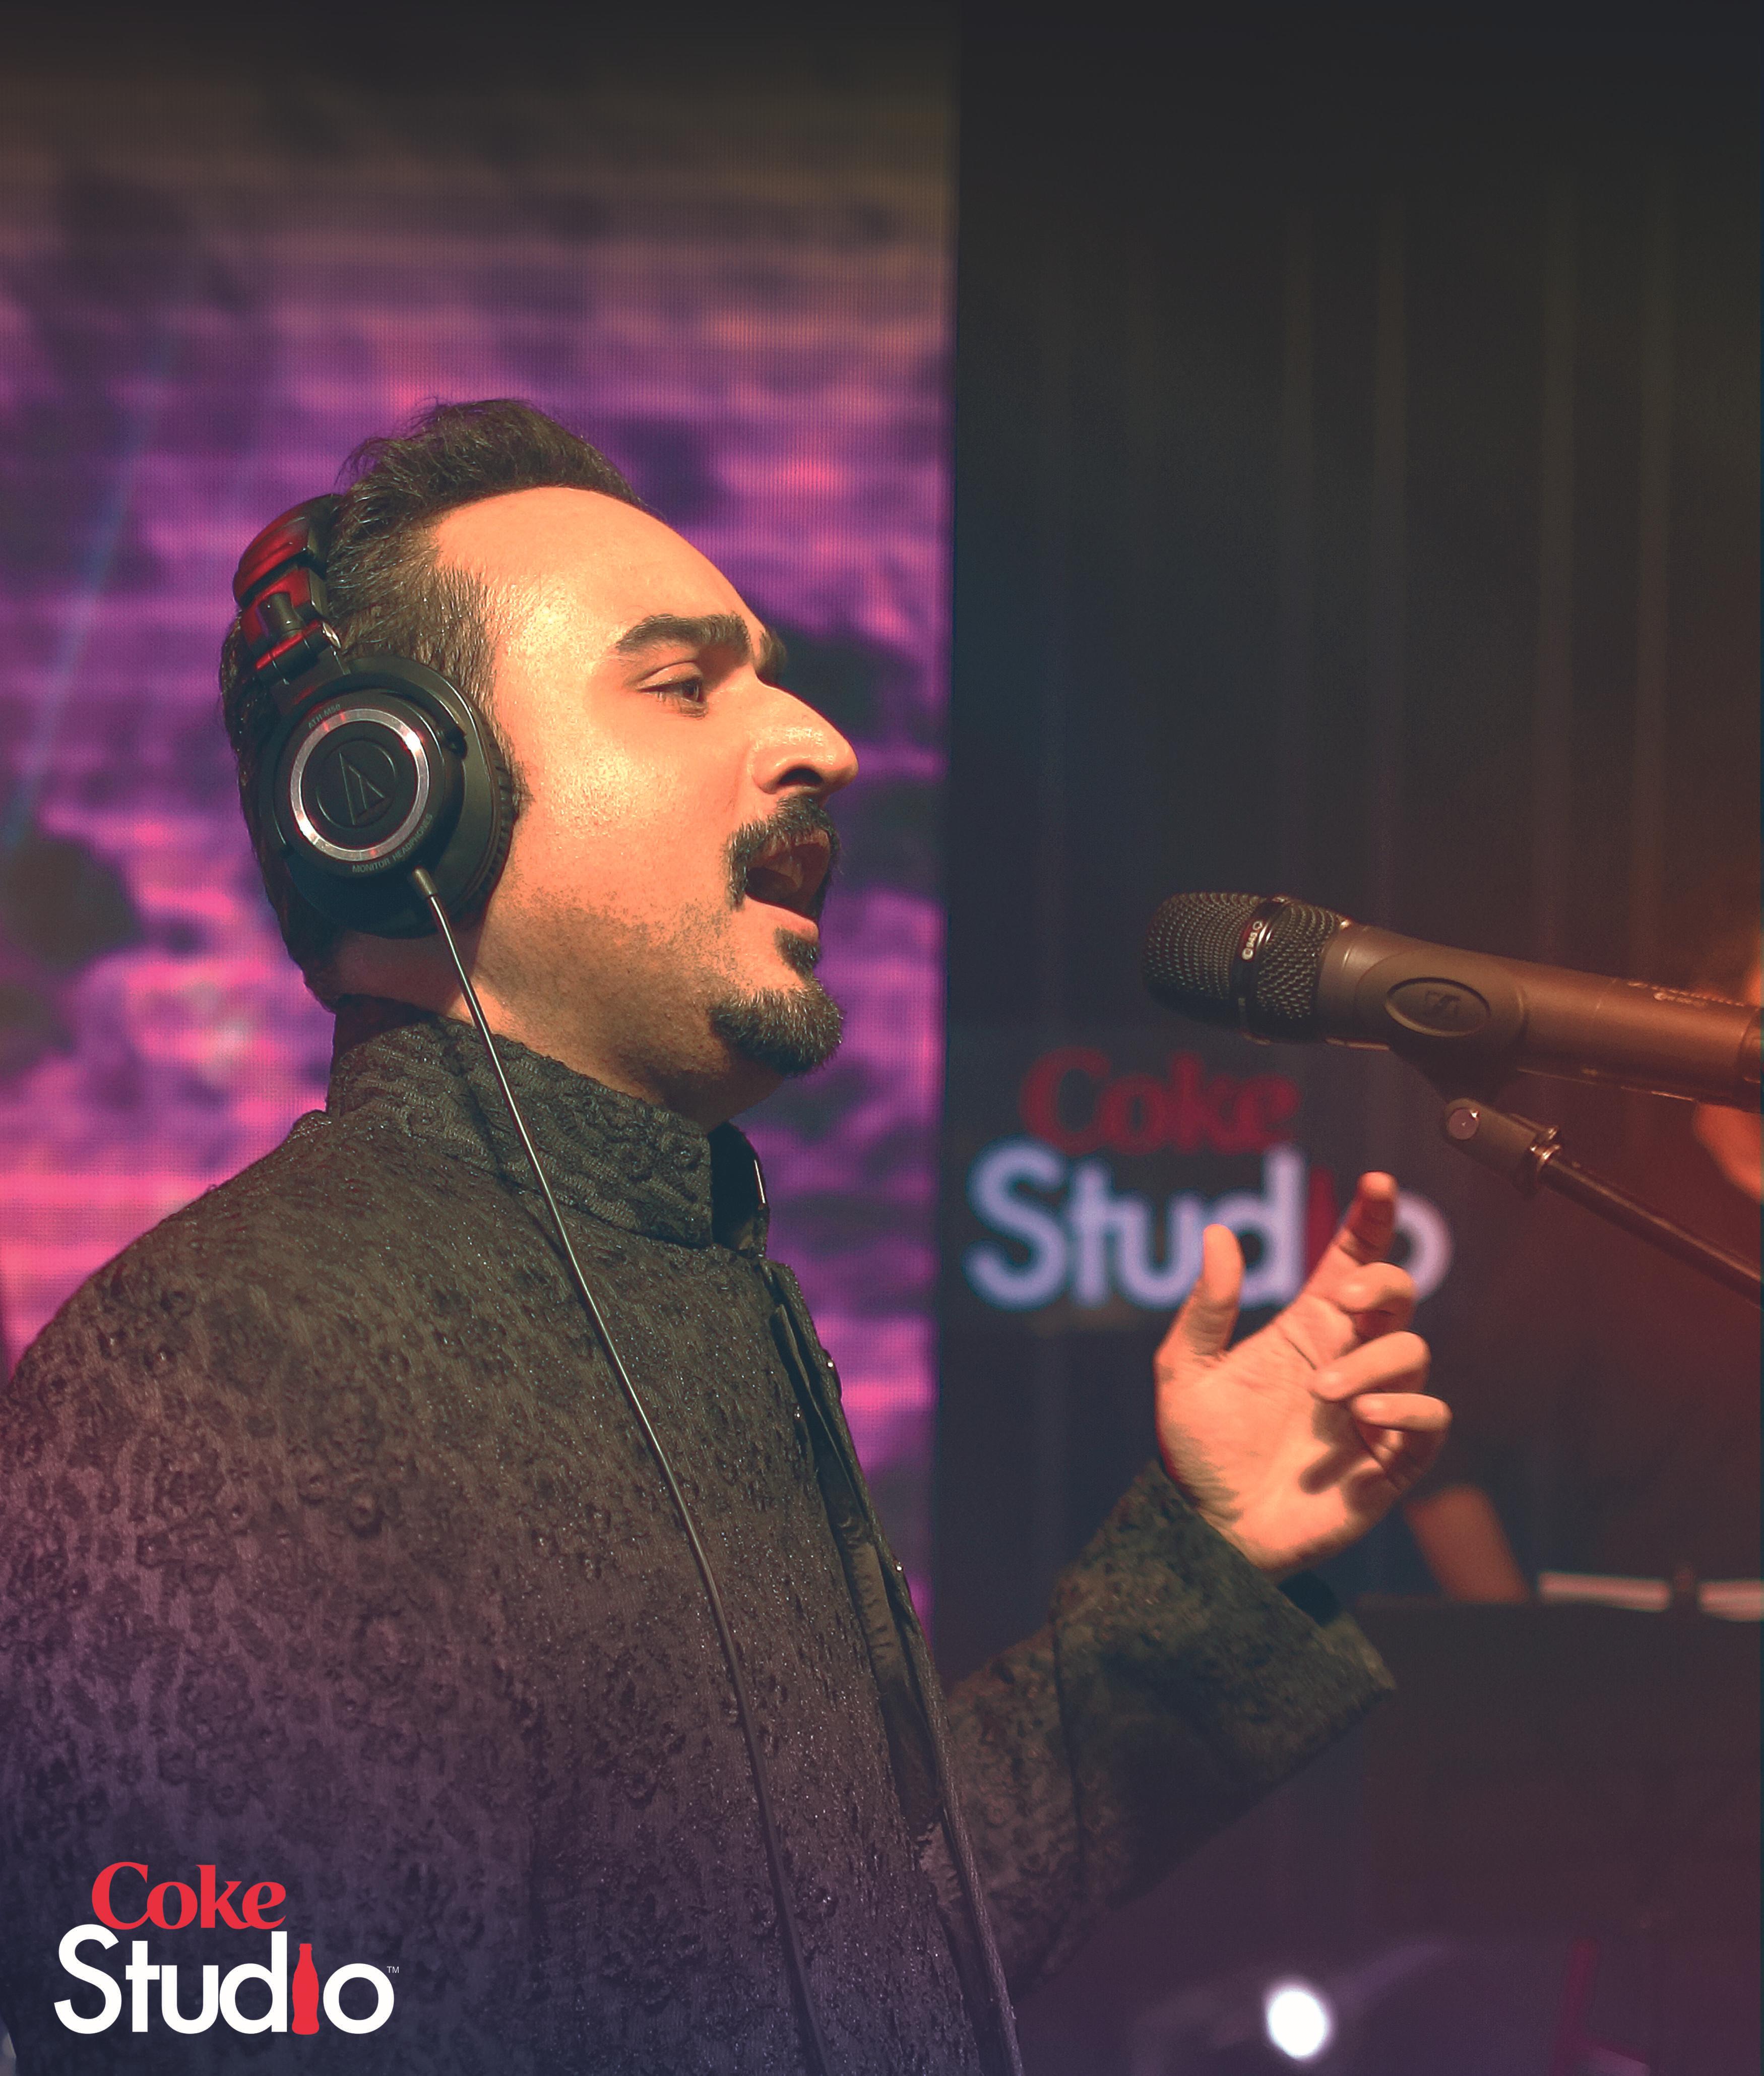 Abbas-Ali-Khan-featured-artists-coke-studio-season-7